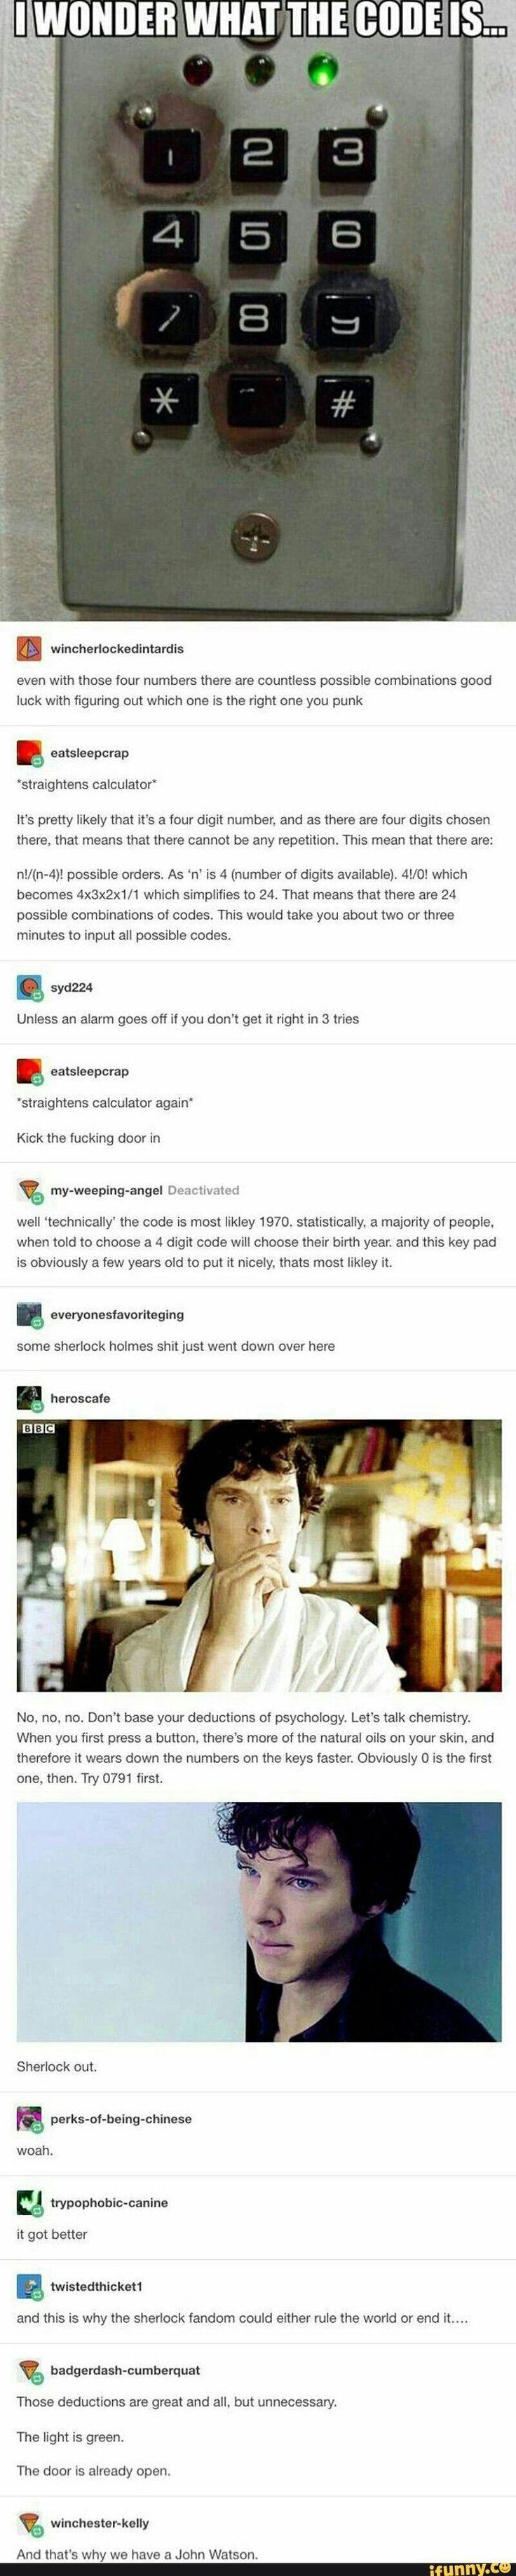 Lol, ich bin der Sherlock, der versucht, eine offene Tür zu öffnen